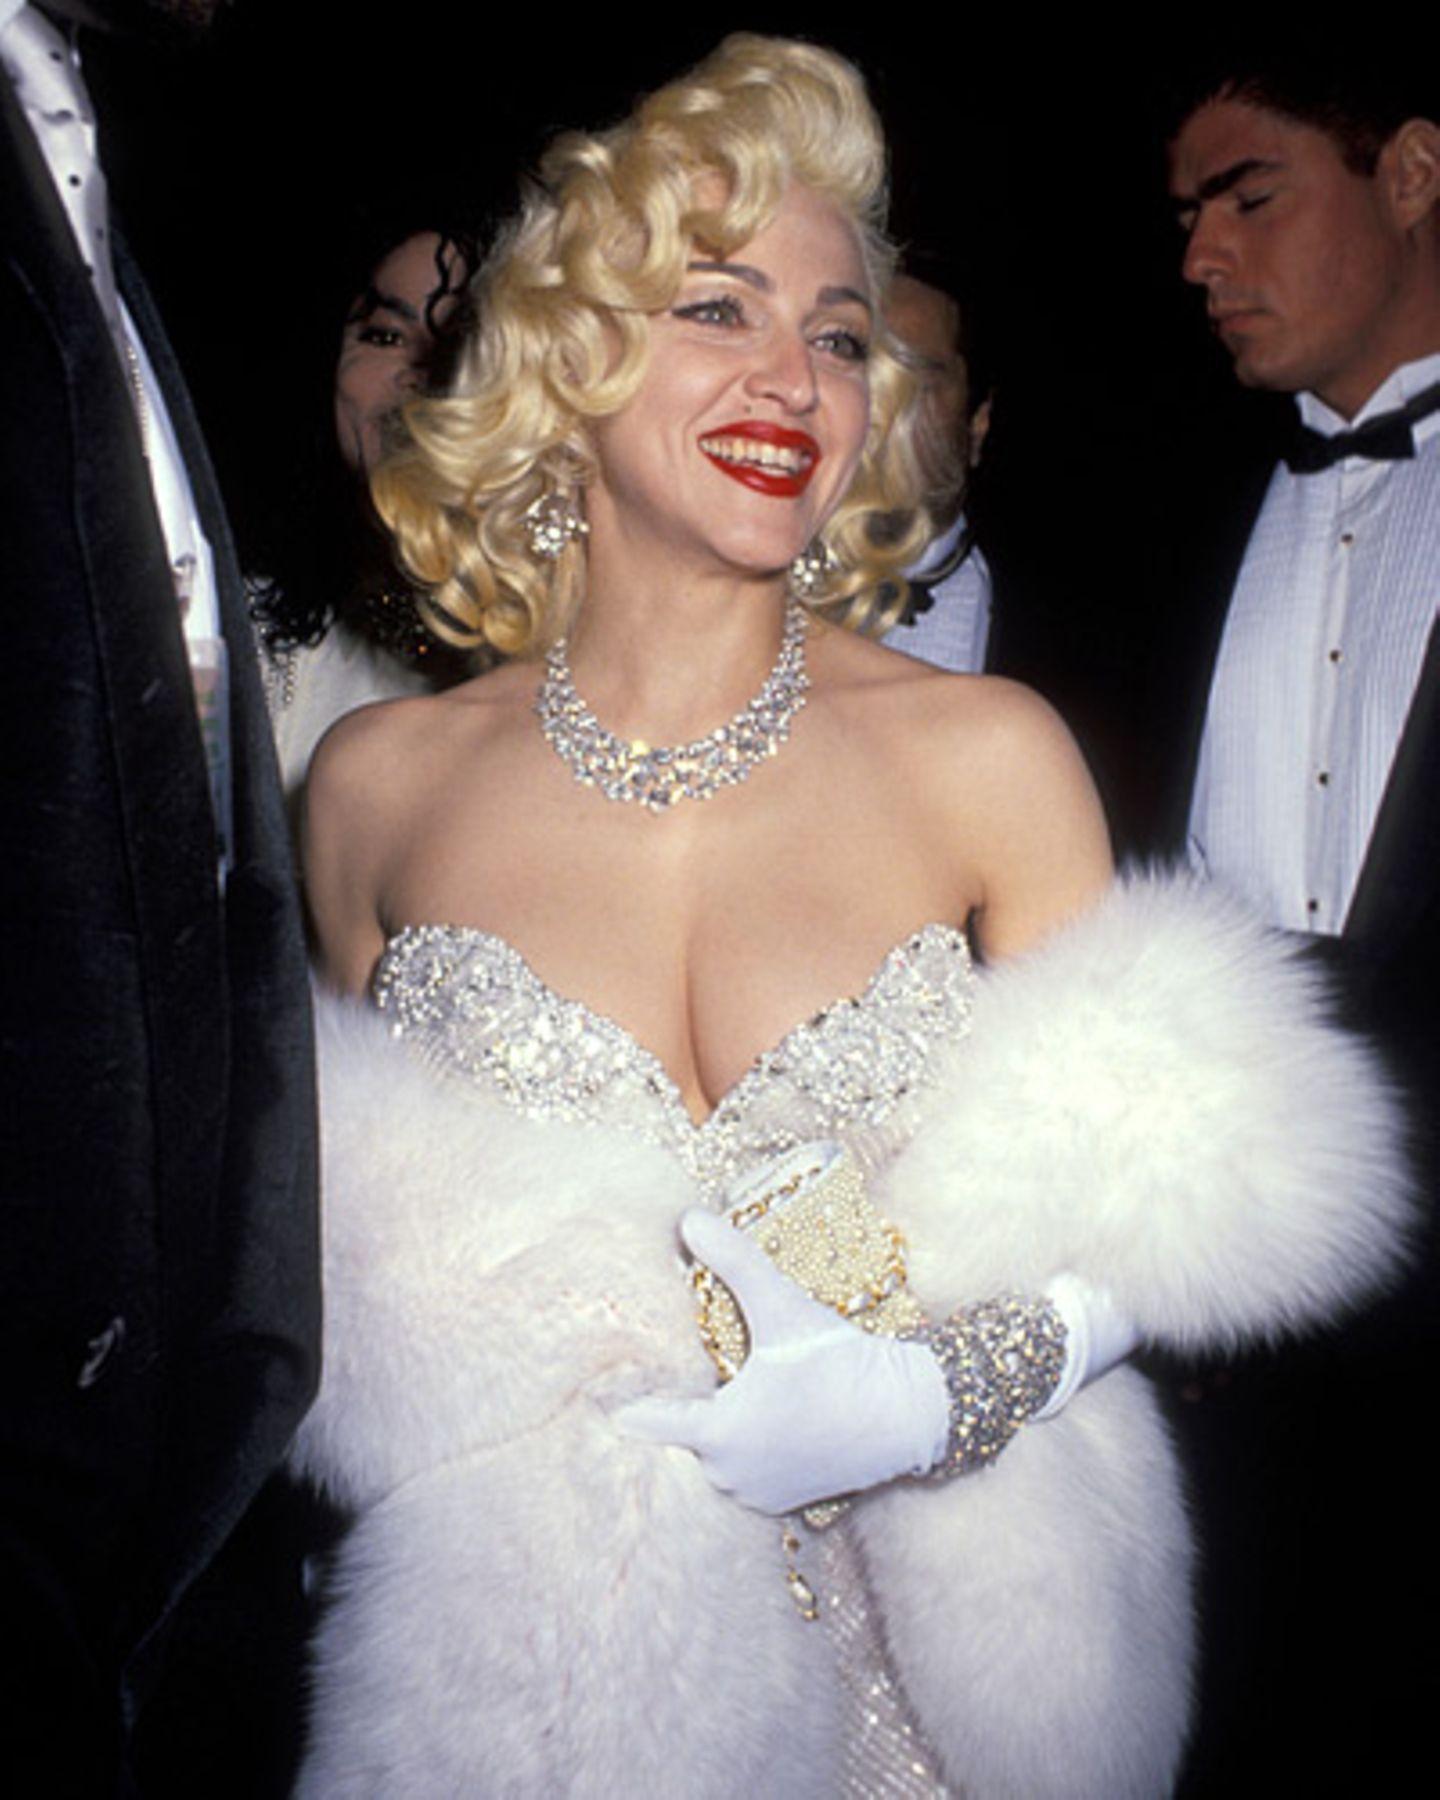 ... verkleidet als Stilikone Marilyn Monroe Denn ähnlich wie Paris Hilton erschien auch Madonna einst mit roten Lippen, blonden Locken, Pelzstola und vielen Diamanten vor der Kamera der Fotografen. Und dachte dabei sogar an den Schönheitsfleck, den Paris Hilton im Eifer des Gefechts scheinbar vergessen hatte.